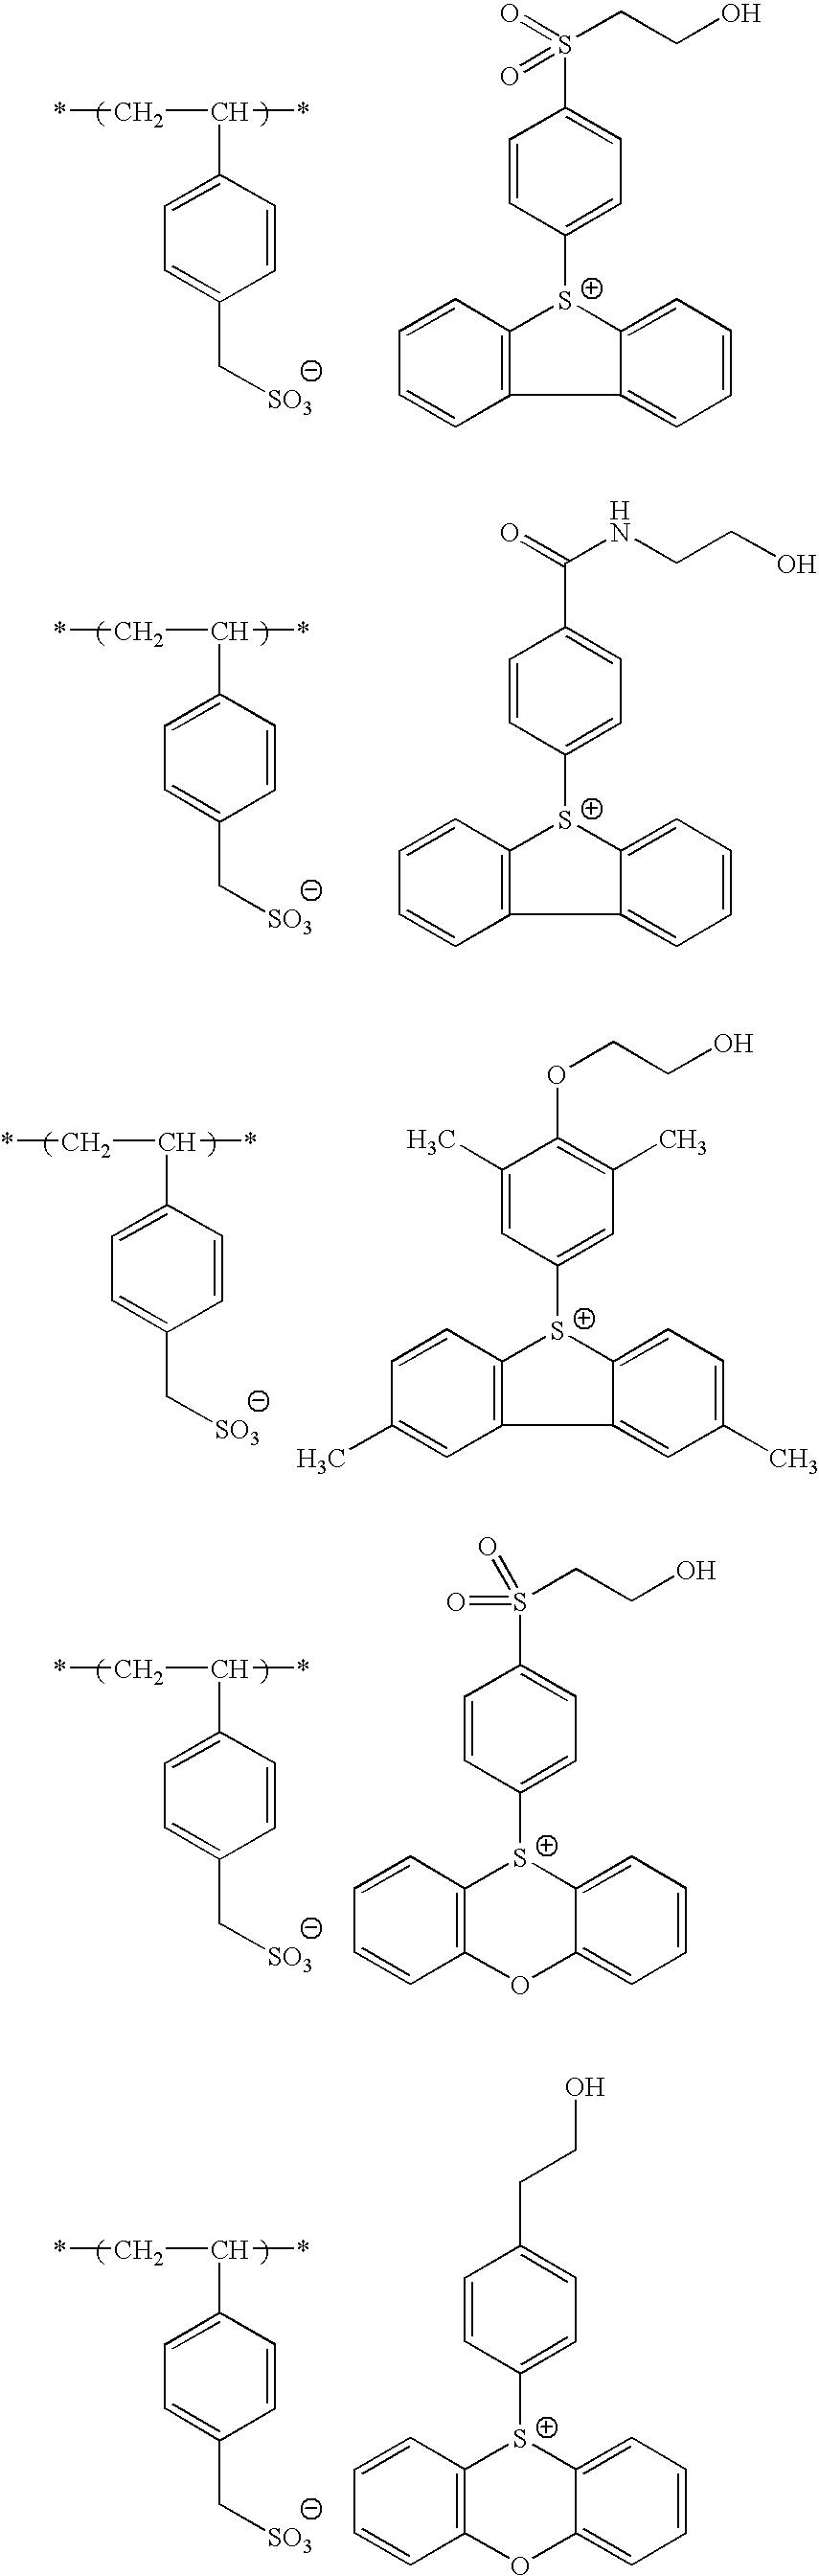 Figure US20100183975A1-20100722-C00057